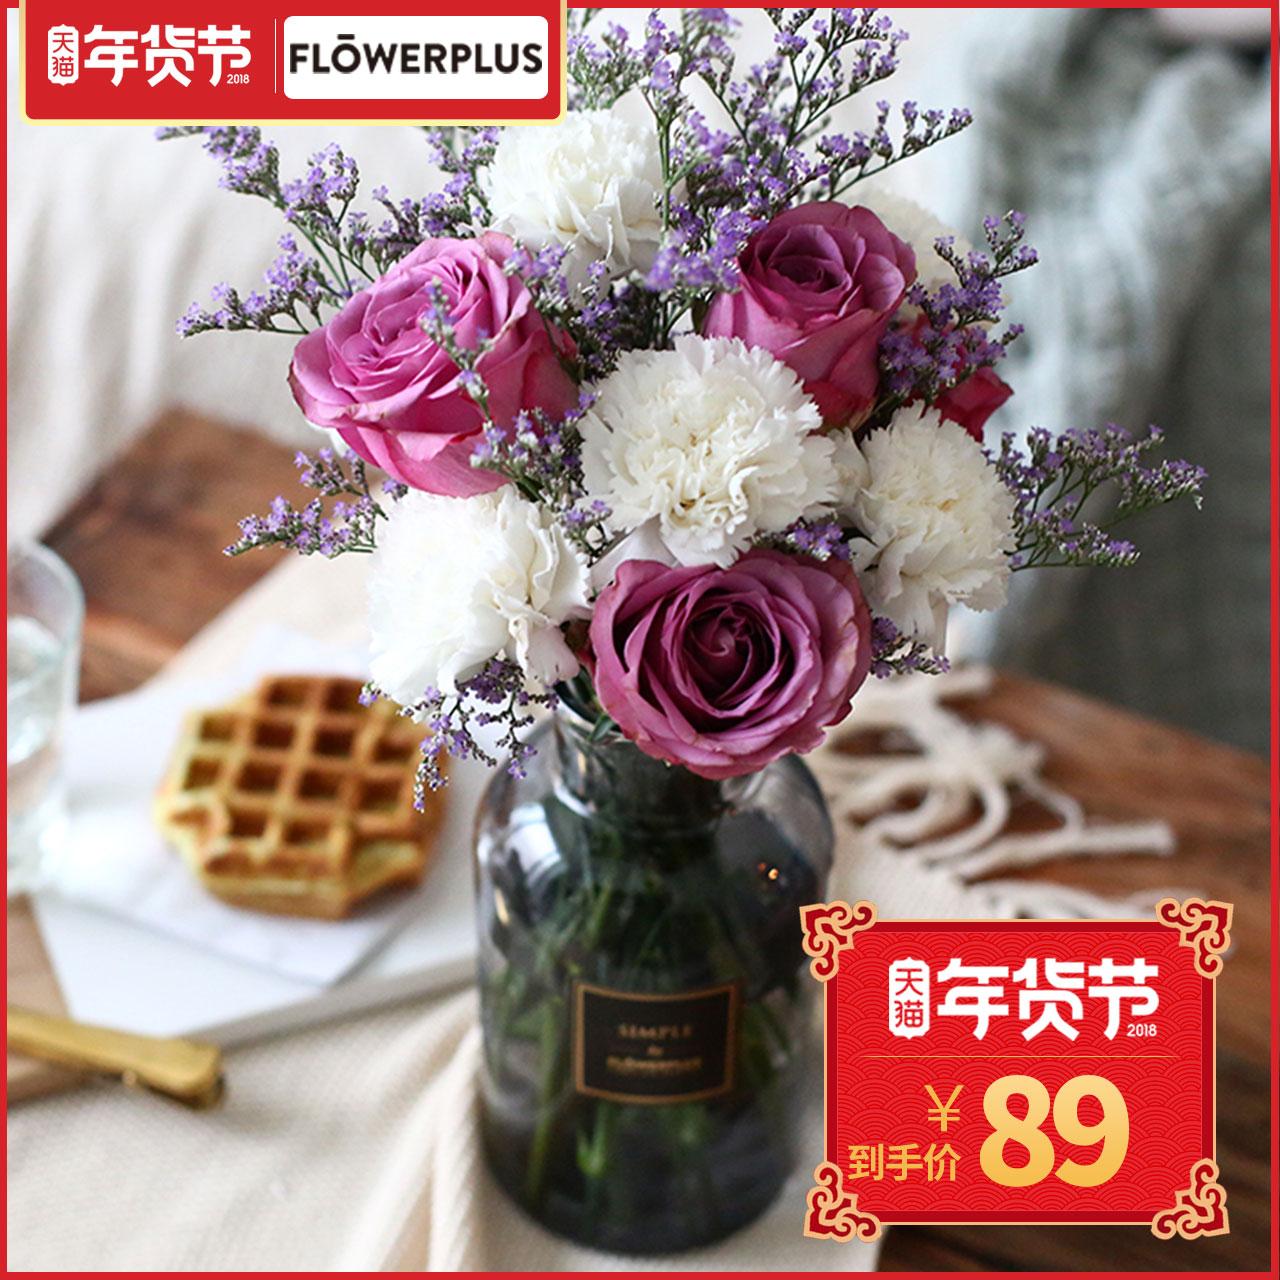 flowerplus【花+】悦花鲜花包月速递新客送花瓶包邮新年礼物